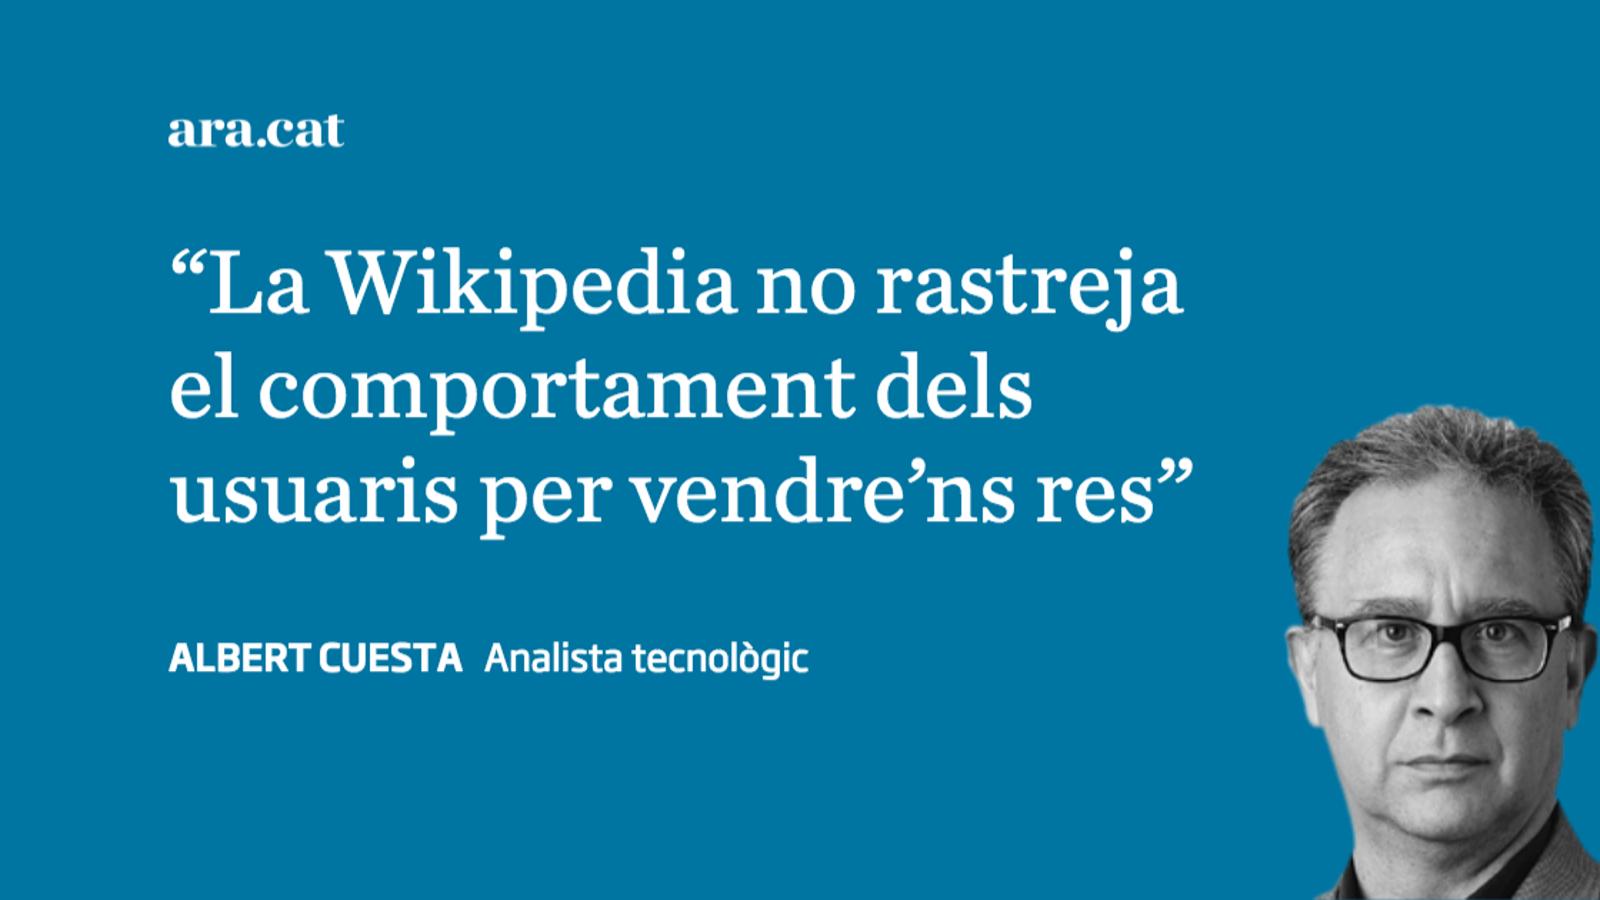 La Wikipedia se'ns ha fet gran